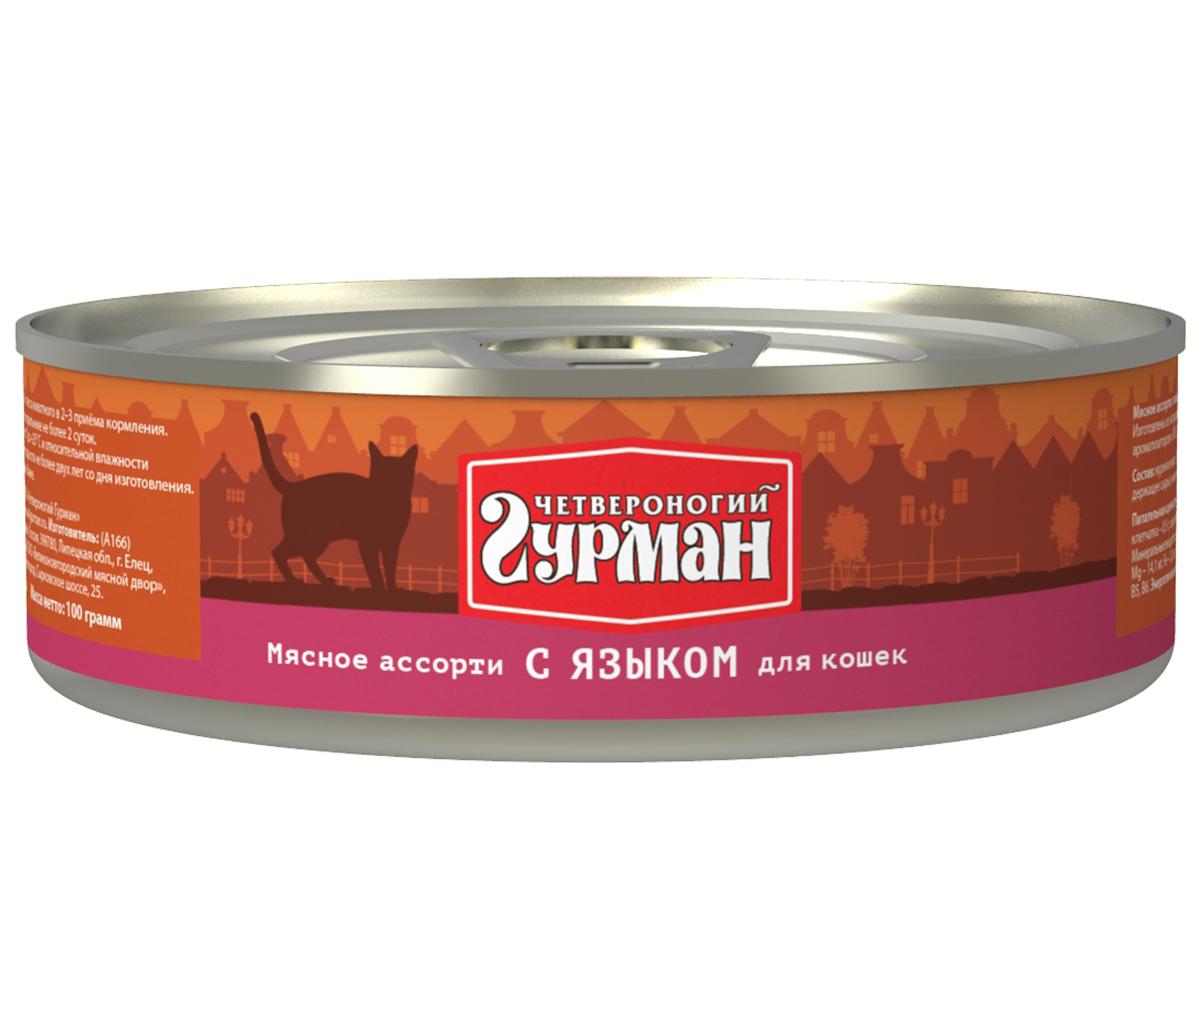 Консервы для кошек Четвероногий гурман Мясное ассорти, с языком, 100 гDEN5941Консервы для кошек Четвероногий гурман Мясное ассорти - это влажный мясной корм суперпремиум класса, состоящий из разных сортов мяса и качественных субпродуктов. Корм не содержит синтетических витаминно-минеральных комплексов, злаков, бобовых и овощей. Никаких искусственных компонентов в составе: только натуральное, экологически чистое мясо от проверенных поставщиков. По консистенции продукт представляет собой кусочки из фарша размером 3-15 мм. В состав входит коллаген. Его компоненты (хондроитин и глюкозамин) положительно воздействуют на суставы питомца. Состав: куриное мясо (32%), язык (6%), сердце, легкое, печень, коллагенсодержащее сырье, животный белок, масло растительное, таурин, вода. Пищевая ценность (в 100 г продукта): протеин 12,3 г, жир 7,2 г, клетчатка 0,5 г, зола 2 г, таурин 0,2 г, влага 82 г. Минеральные вещества: P 137,4 мг, Ca 9,05 мг, Na 123,48 мг, Cl 148,7 мг, Mg 14,1 мг, Fe 3,2 мг, Сu 225,4 мкг, I 2,5 мкг. Витамины: A, E, B1, B2, B3, B5, B6. Энергетическая ценность: 114 ккал.Товар сертифицирован.